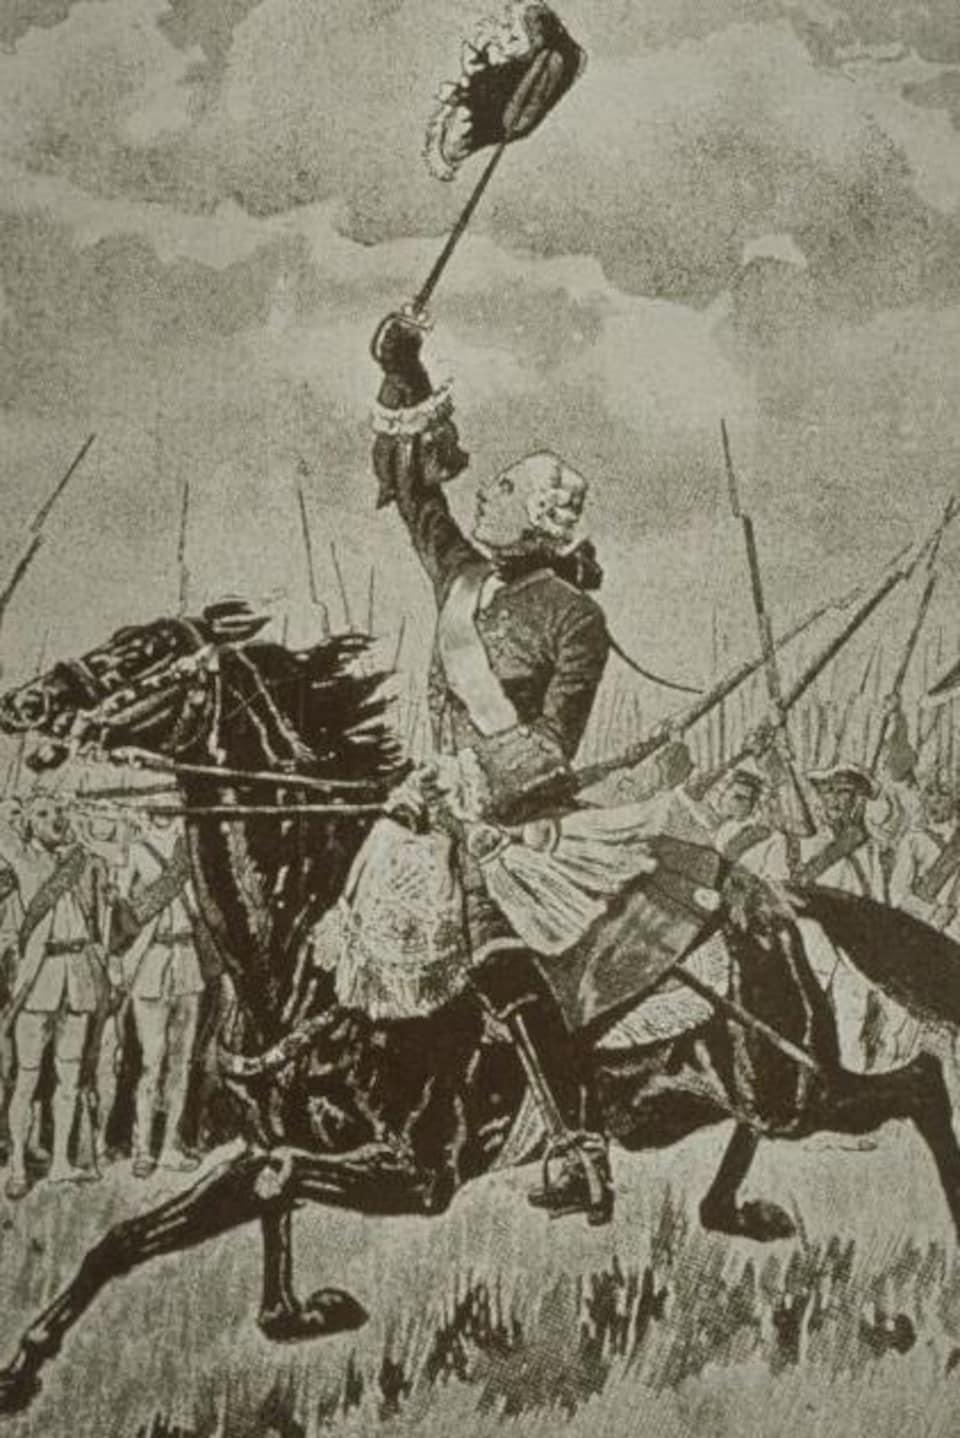 Bataille La Plus Meurtrière De L'histoire : bataille, meurtrière, l'histoire, Bataille, Sainte-Foy,, Va-tout, Français, Nouvelle-France